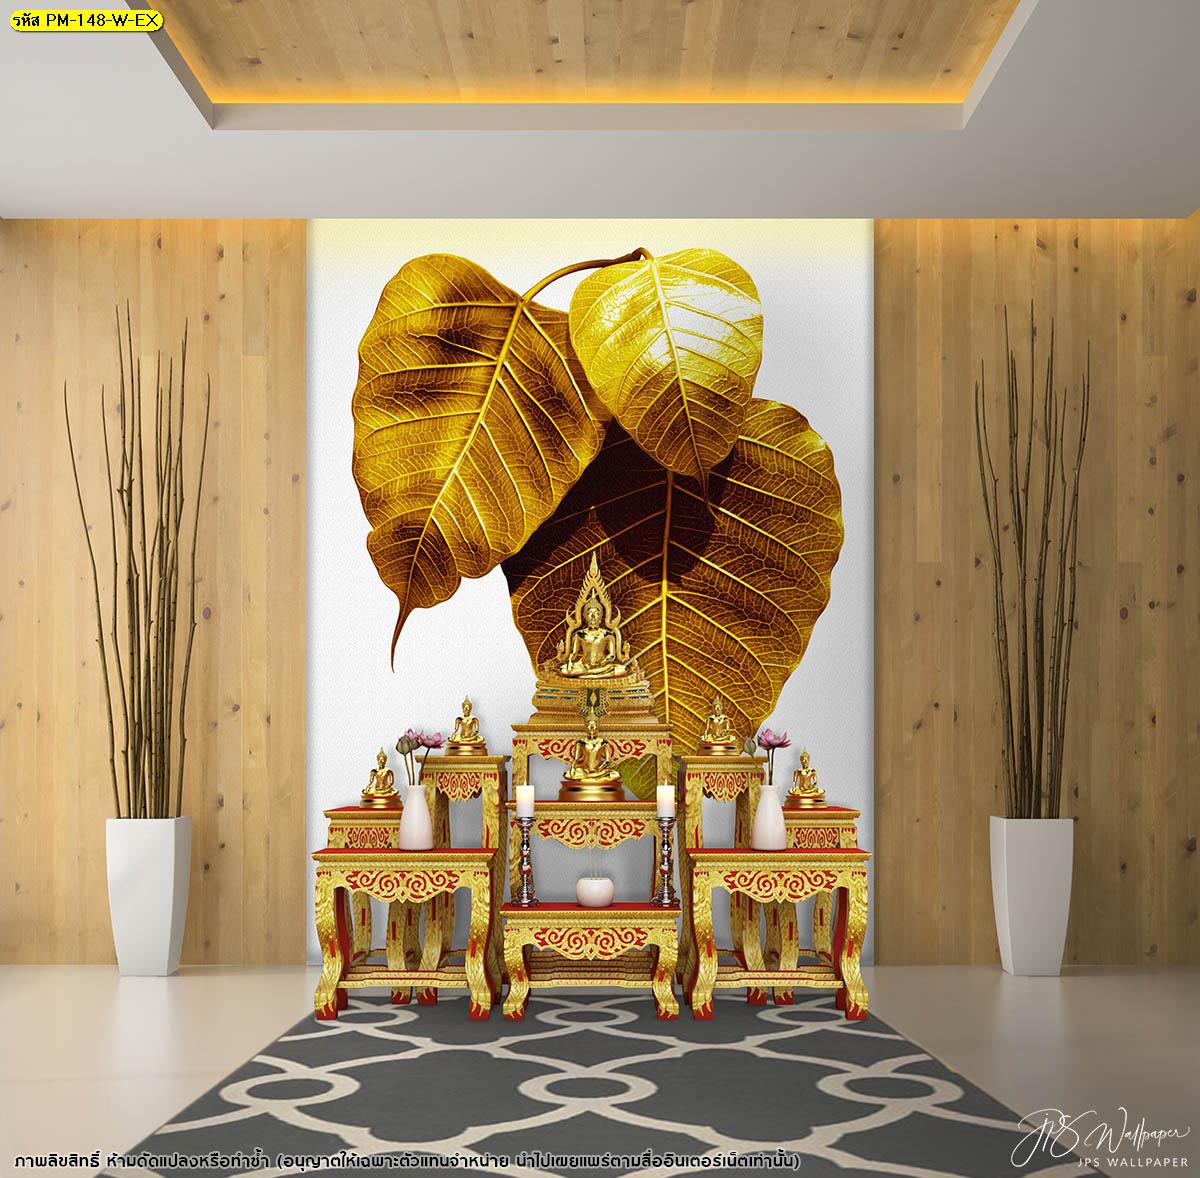 เรียบง่ายแต่ดูดีด้วยรูปแบบห้องพระในบ้านไม้ ตกแต่งฉากหลังด้วยใบโพธิ์สีทองอร่าม